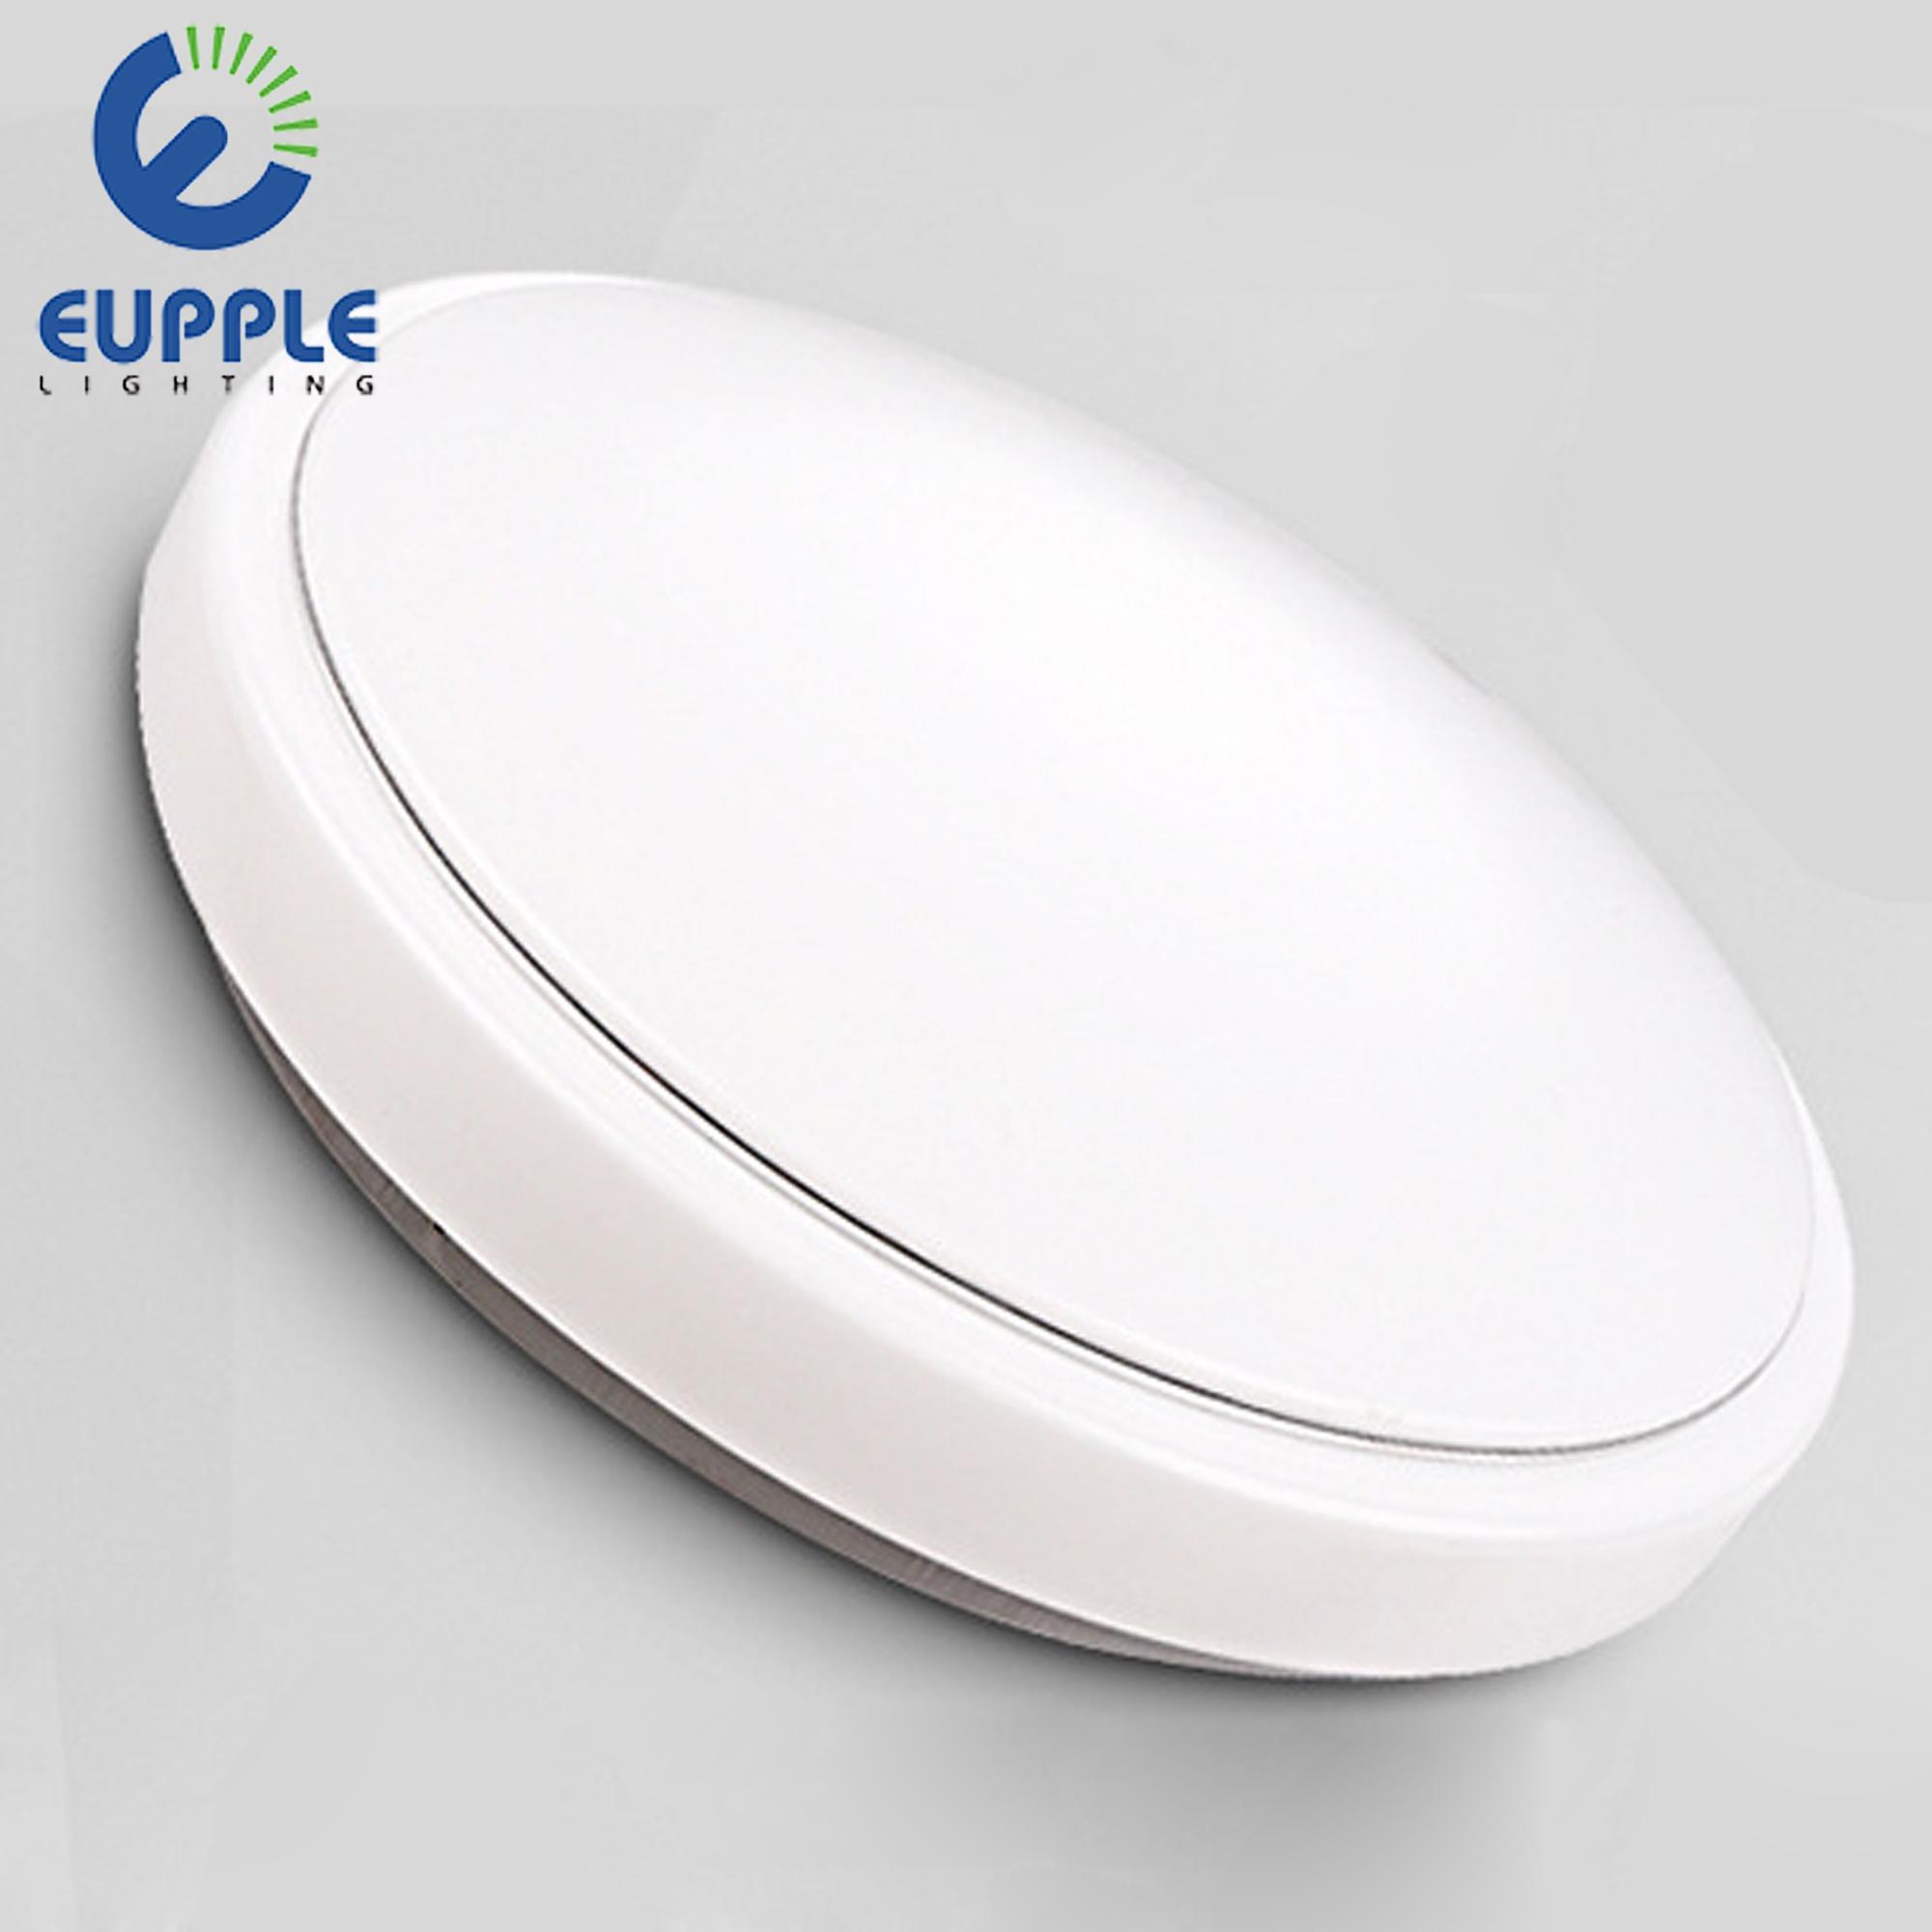 Dimbare Led Lamp Action.Vind De Beste Led Lampen Action Fabricaten En Led Lampen Action Voor